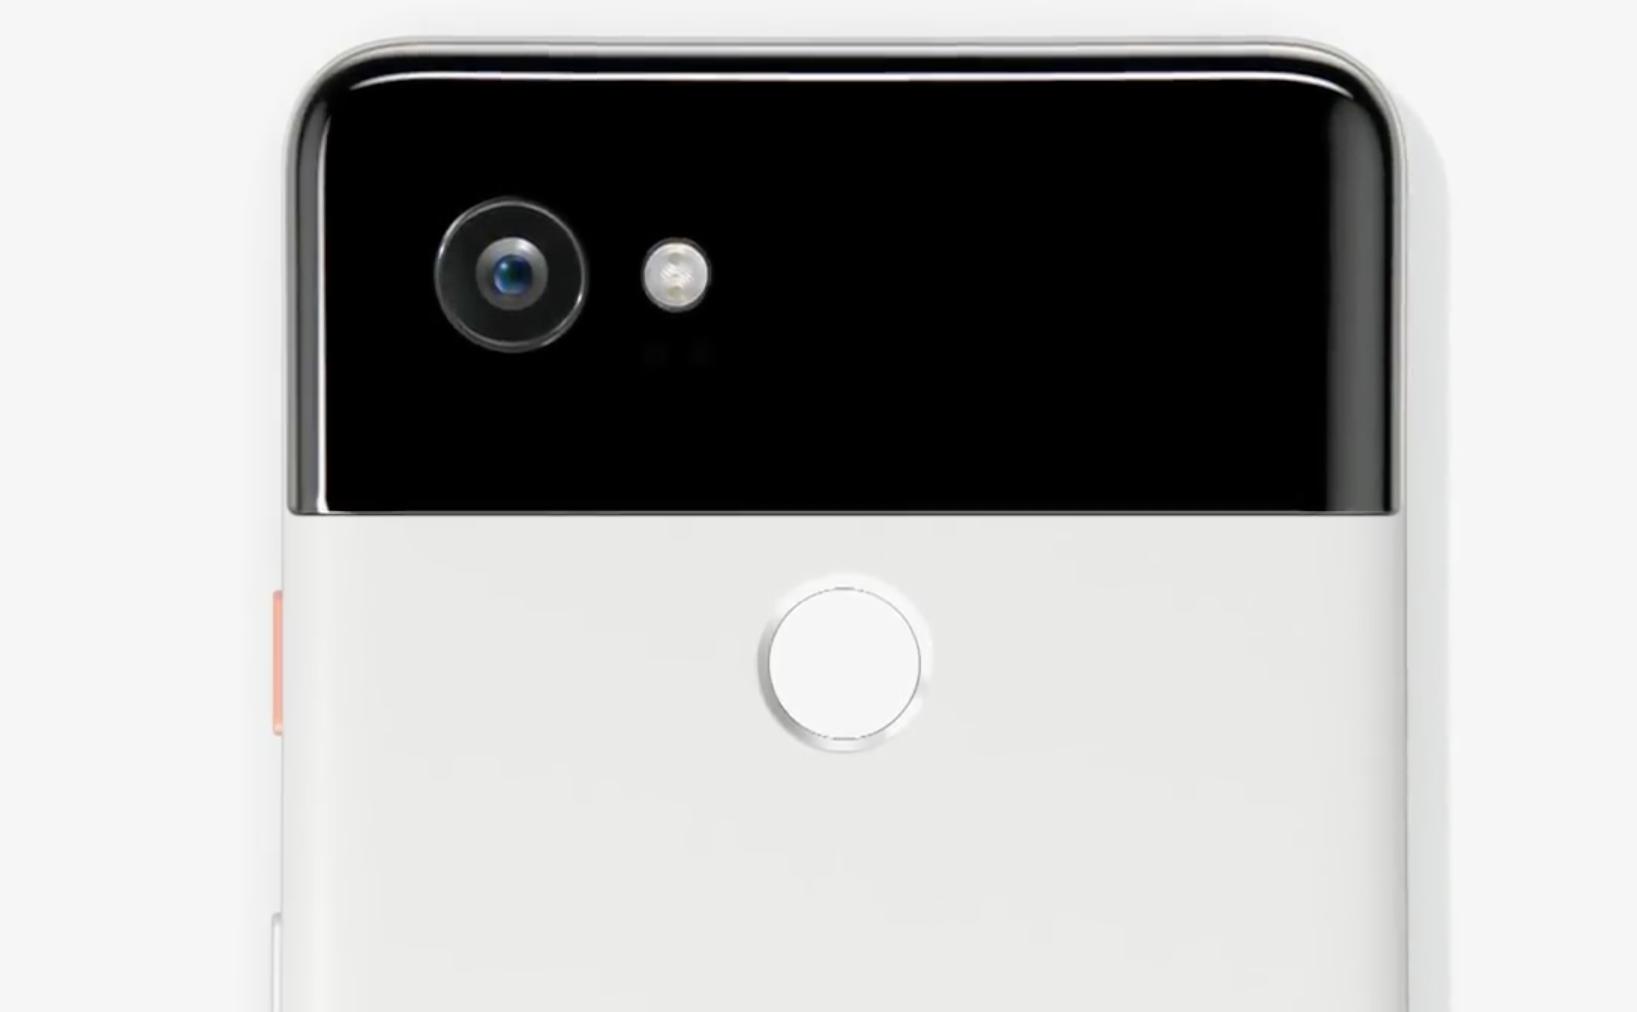 google pixel 2 review iphone comparison